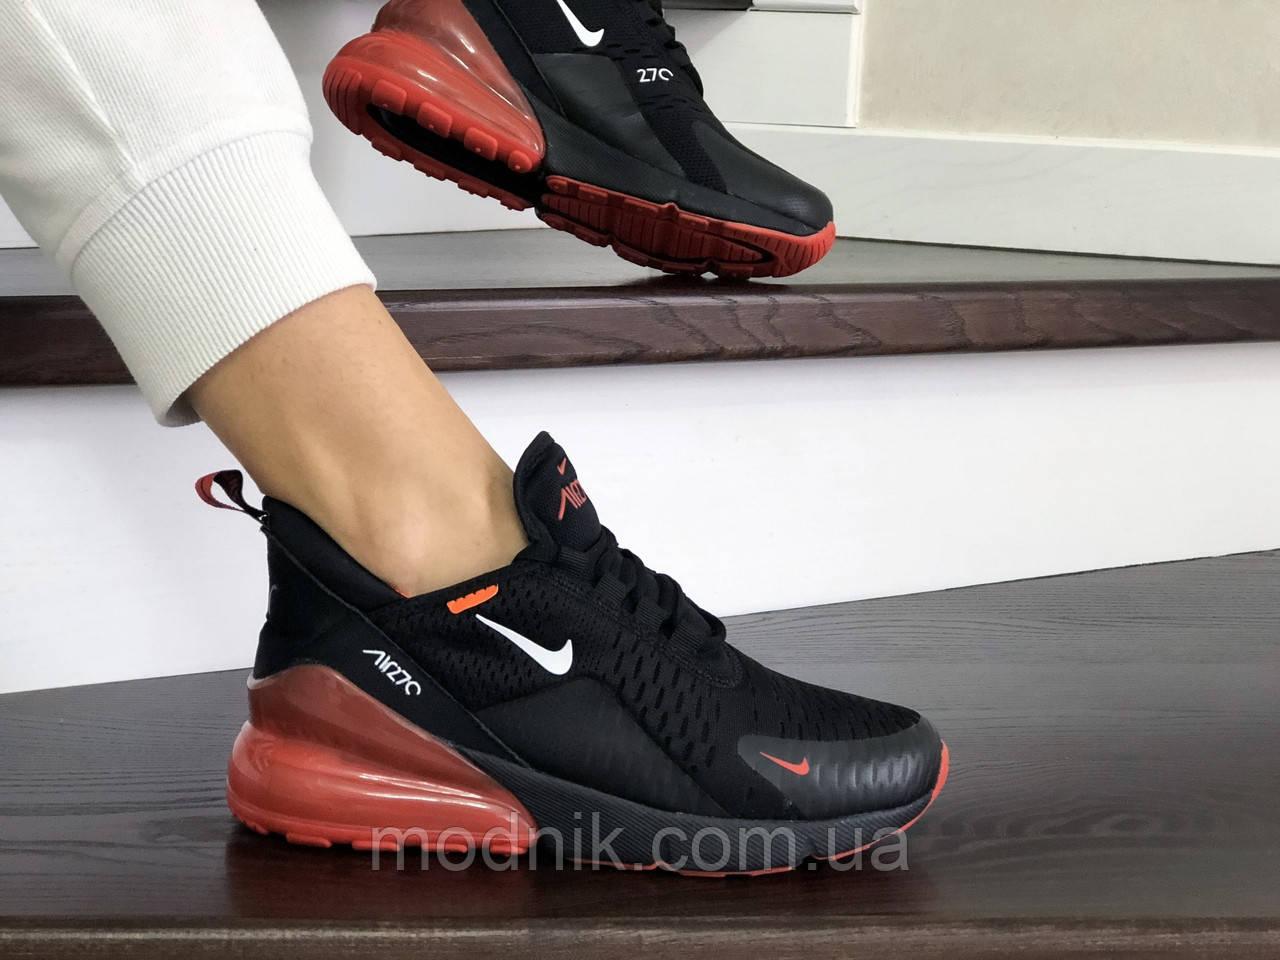 Женские кроссовки Nike Air Max 270 (черно-красные) - Индонезия